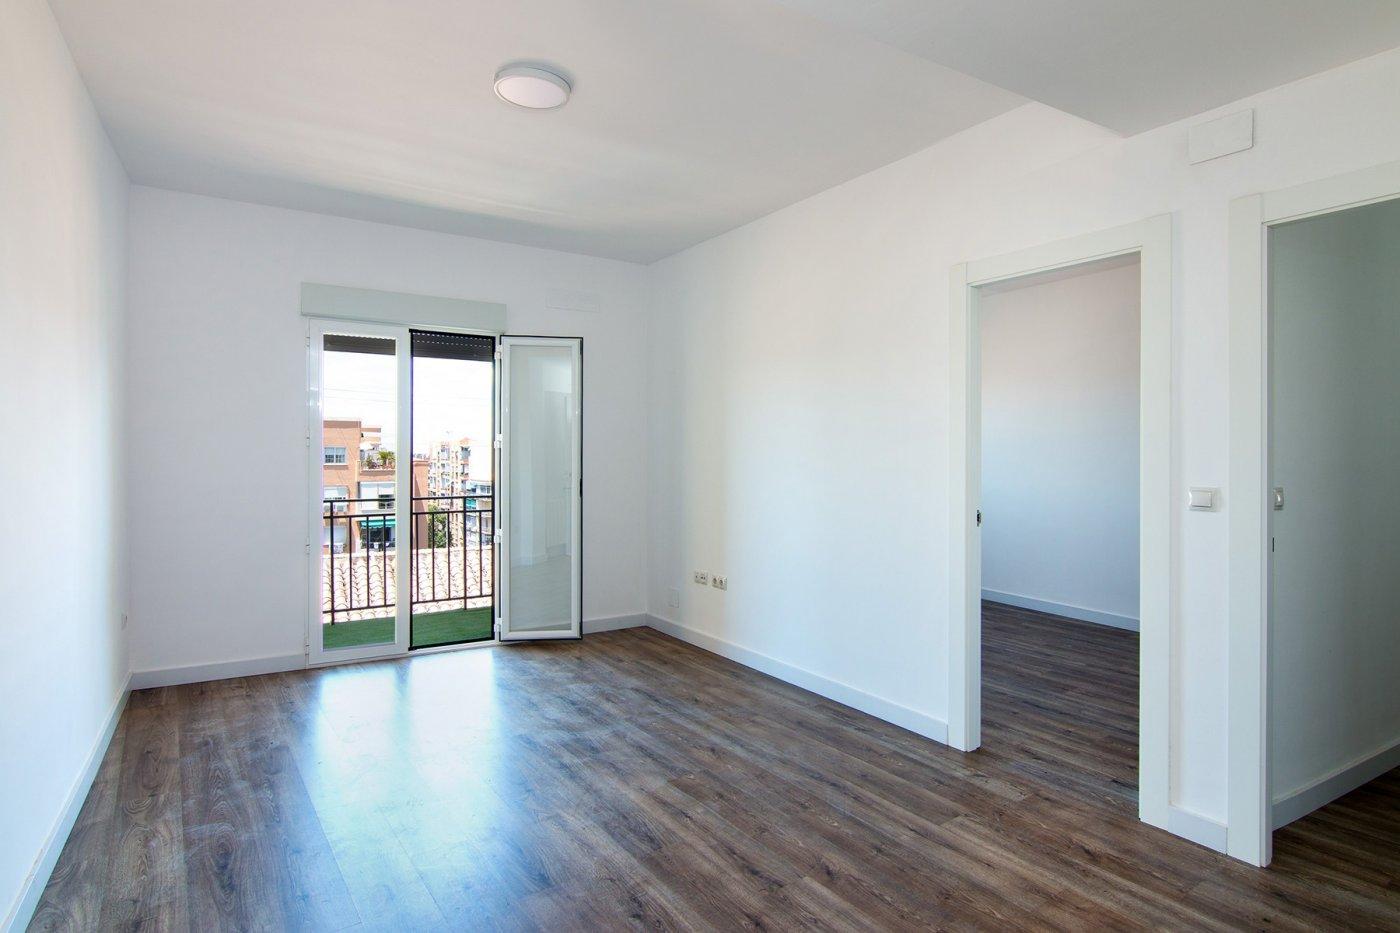 reformadísima última planta, piso de 3 dormitorios en Don Bosco, Granada